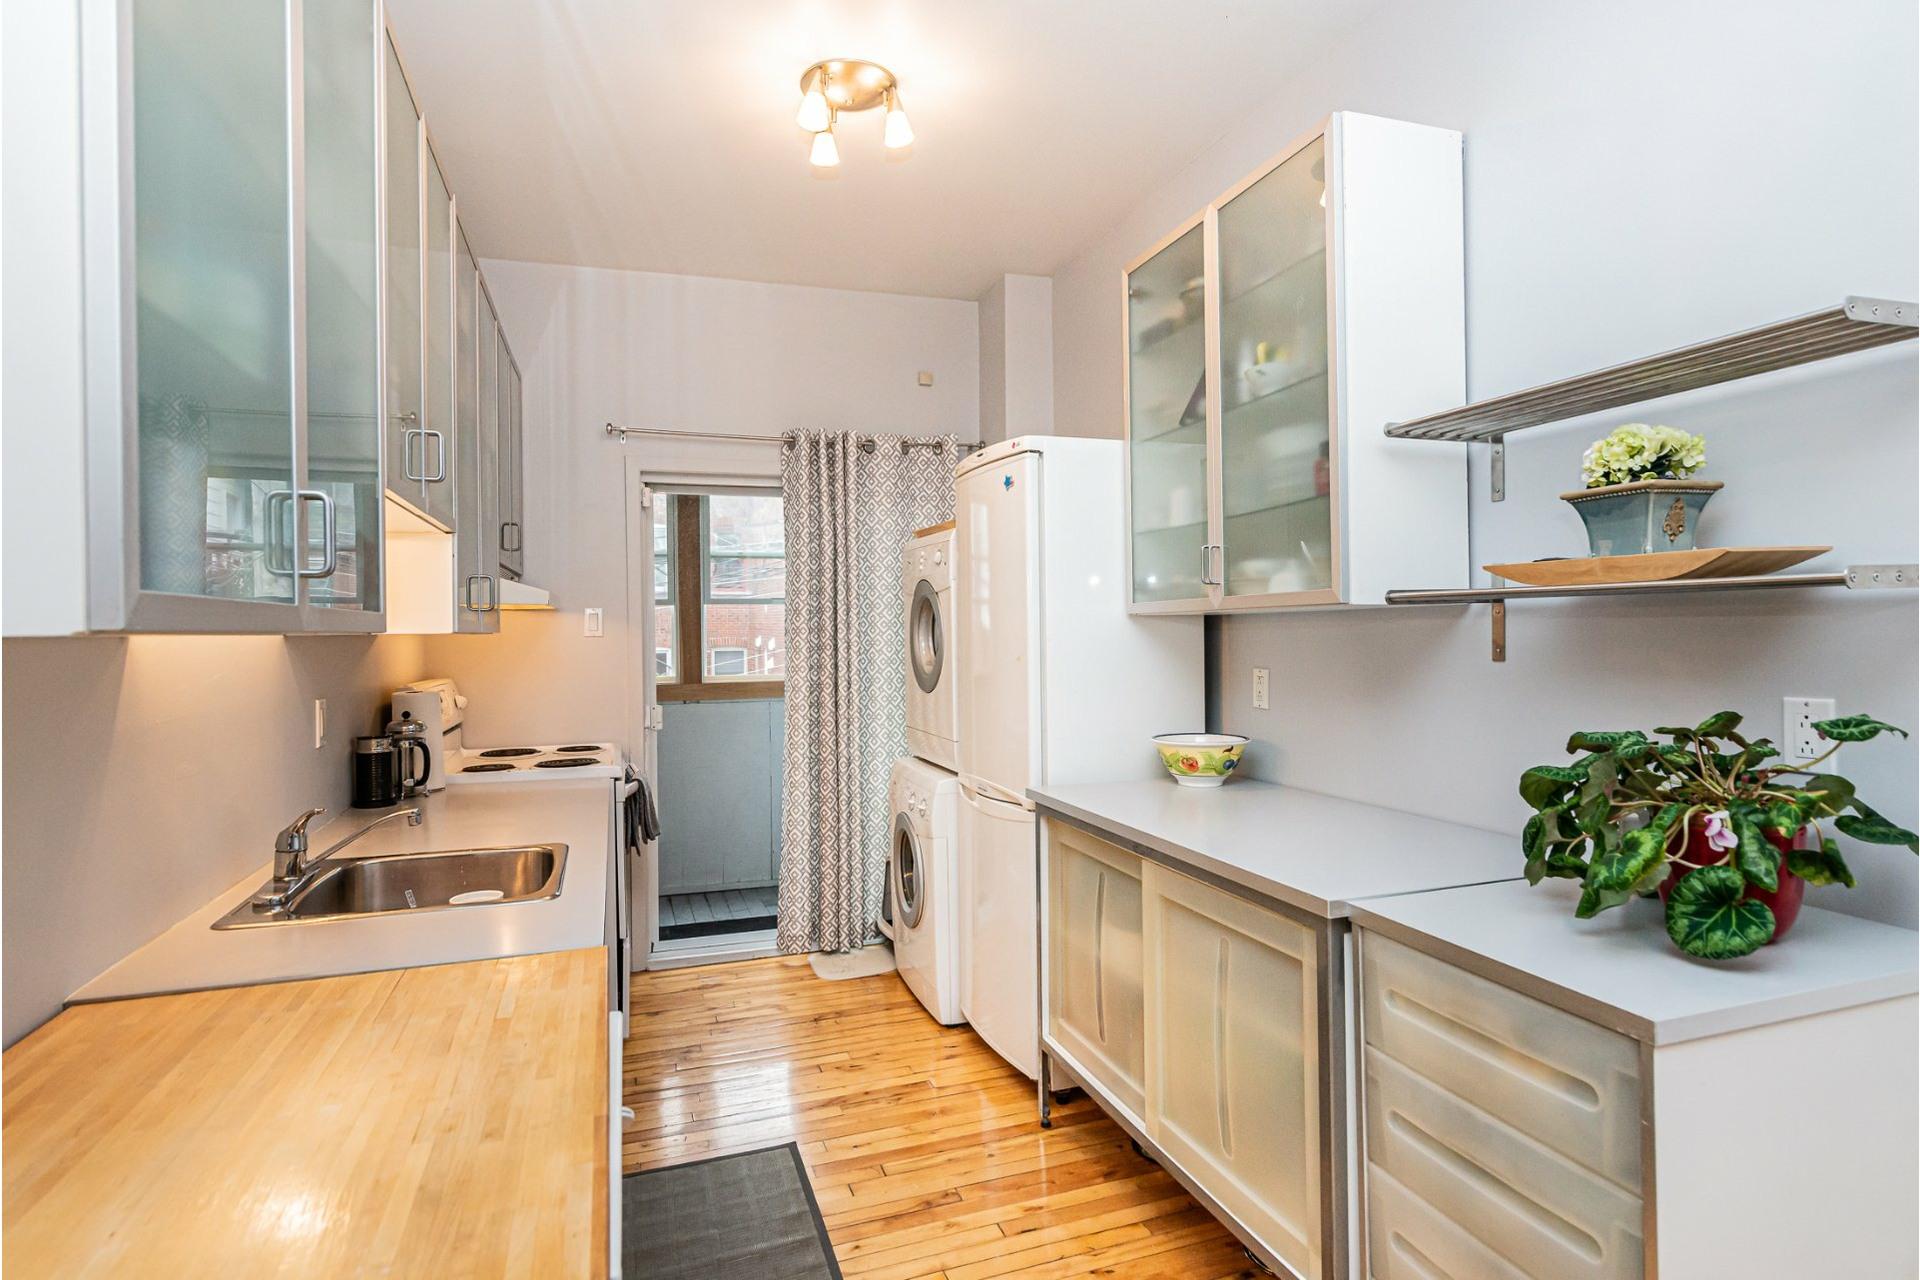 image 37 - Duplex À vendre Côte-des-Neiges/Notre-Dame-de-Grâce Montréal  - 5 pièces